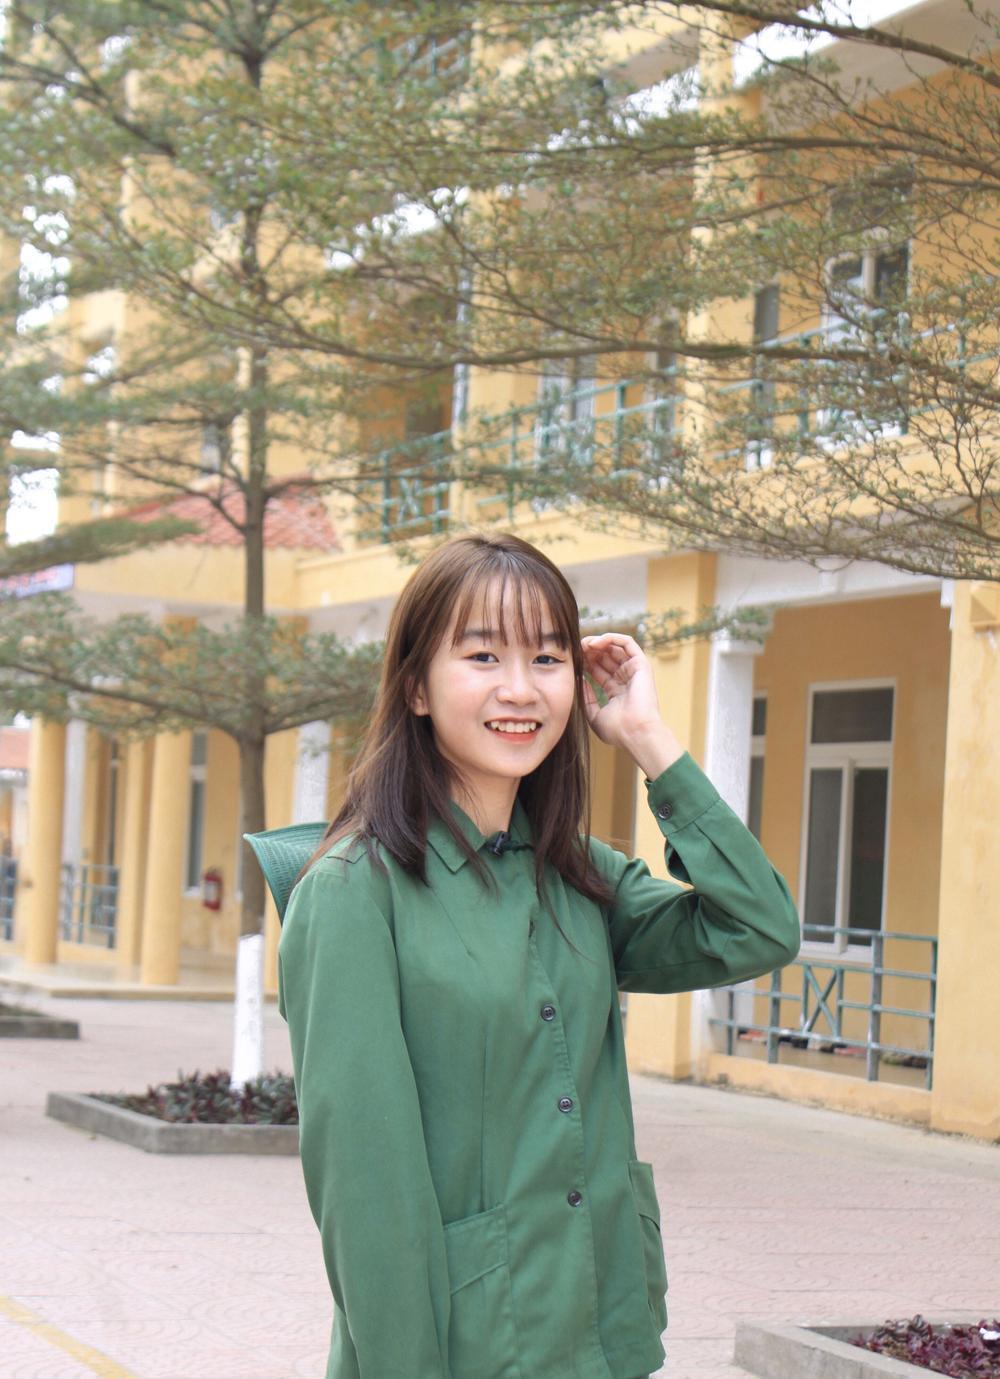 Chiêm ngưỡng dàn 'Trai xinh gái đẹp'- 'Đặc sản' mùa quân sự của Học viện Chính sách và Phát triển Ảnh 13